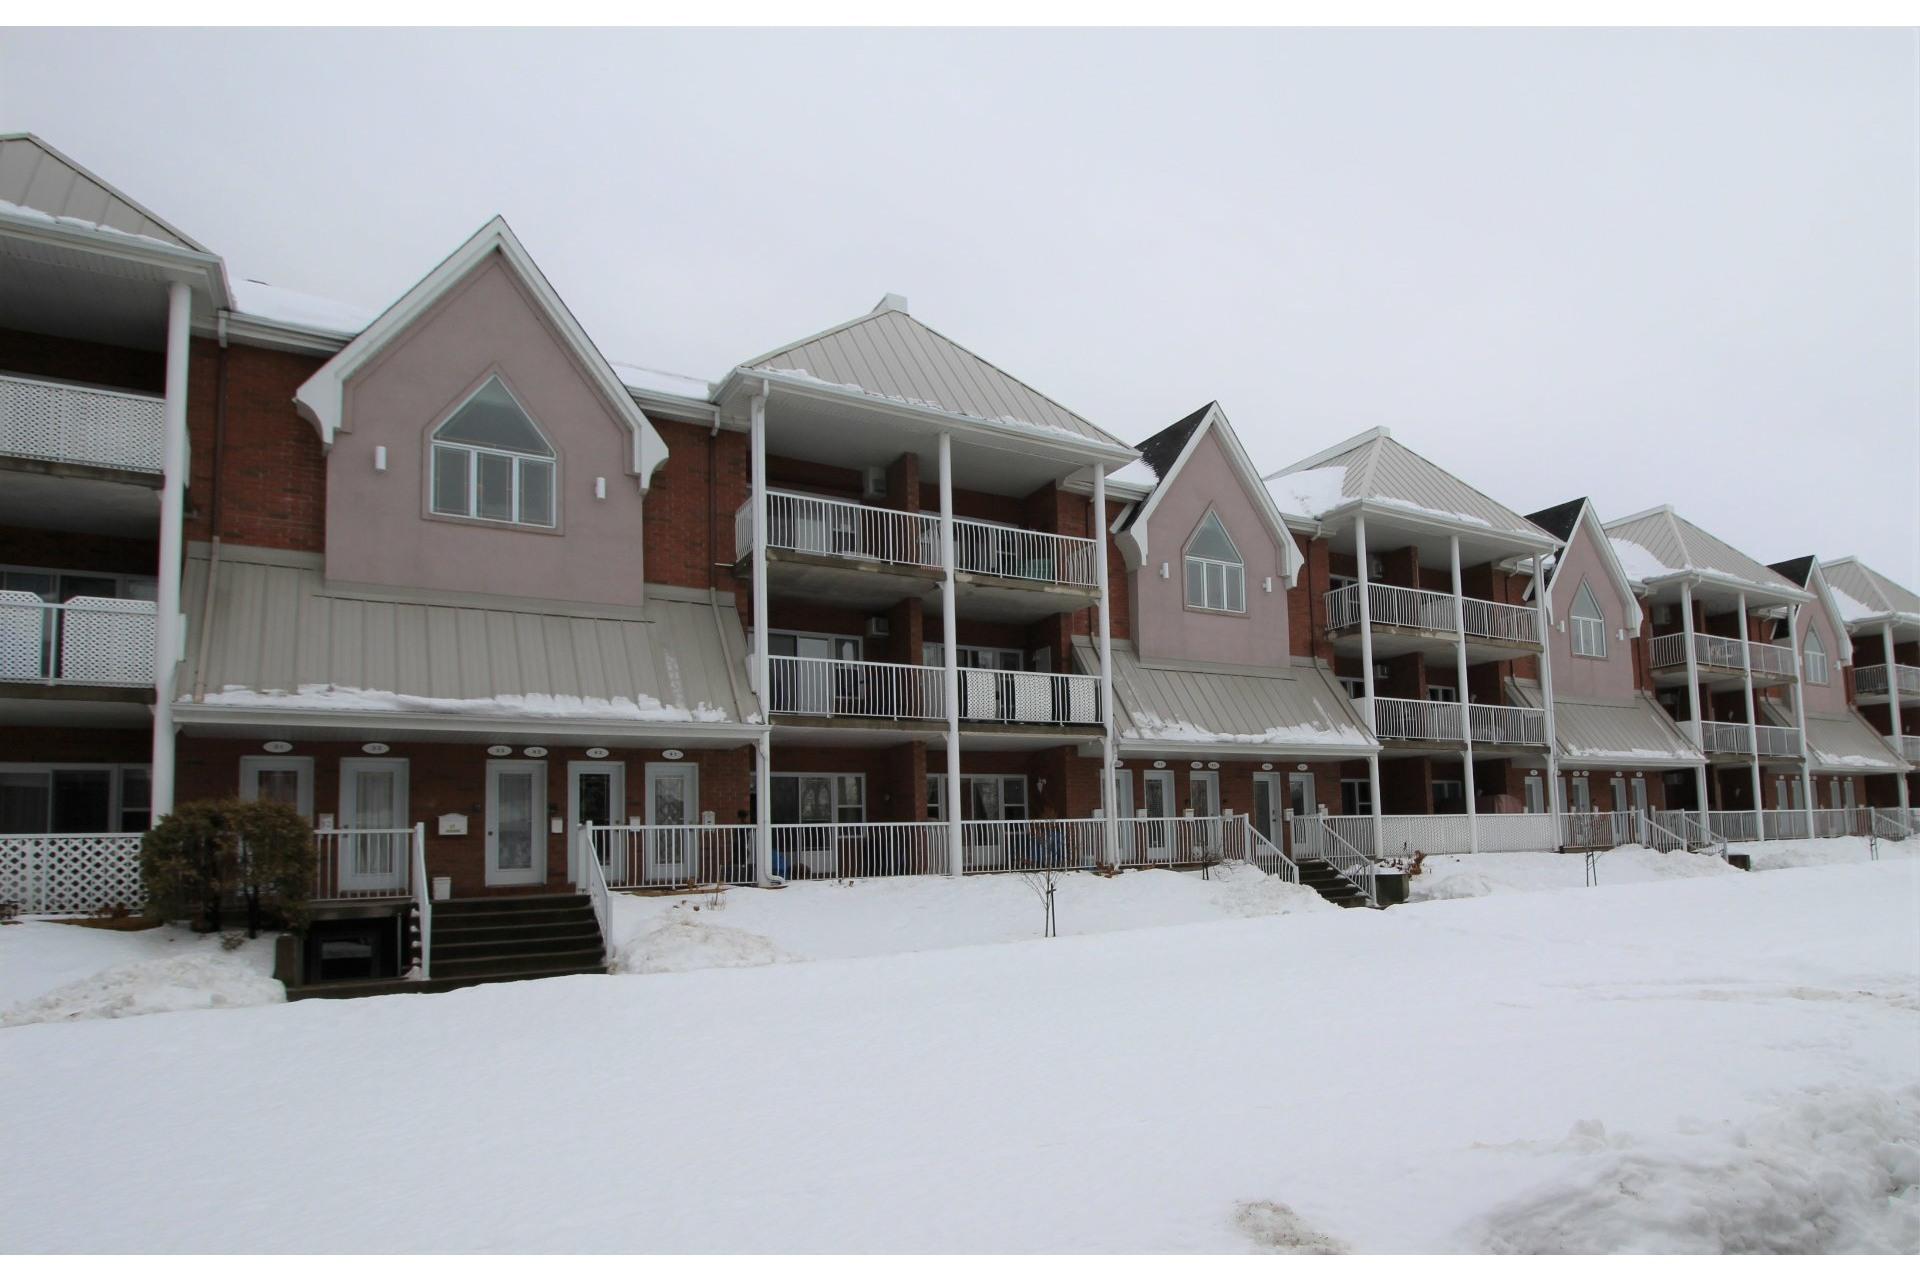 image 21 - Appartement À vendre Rivière-des-Prairies/Pointe-aux-Trembles Montréal  - 6 pièces